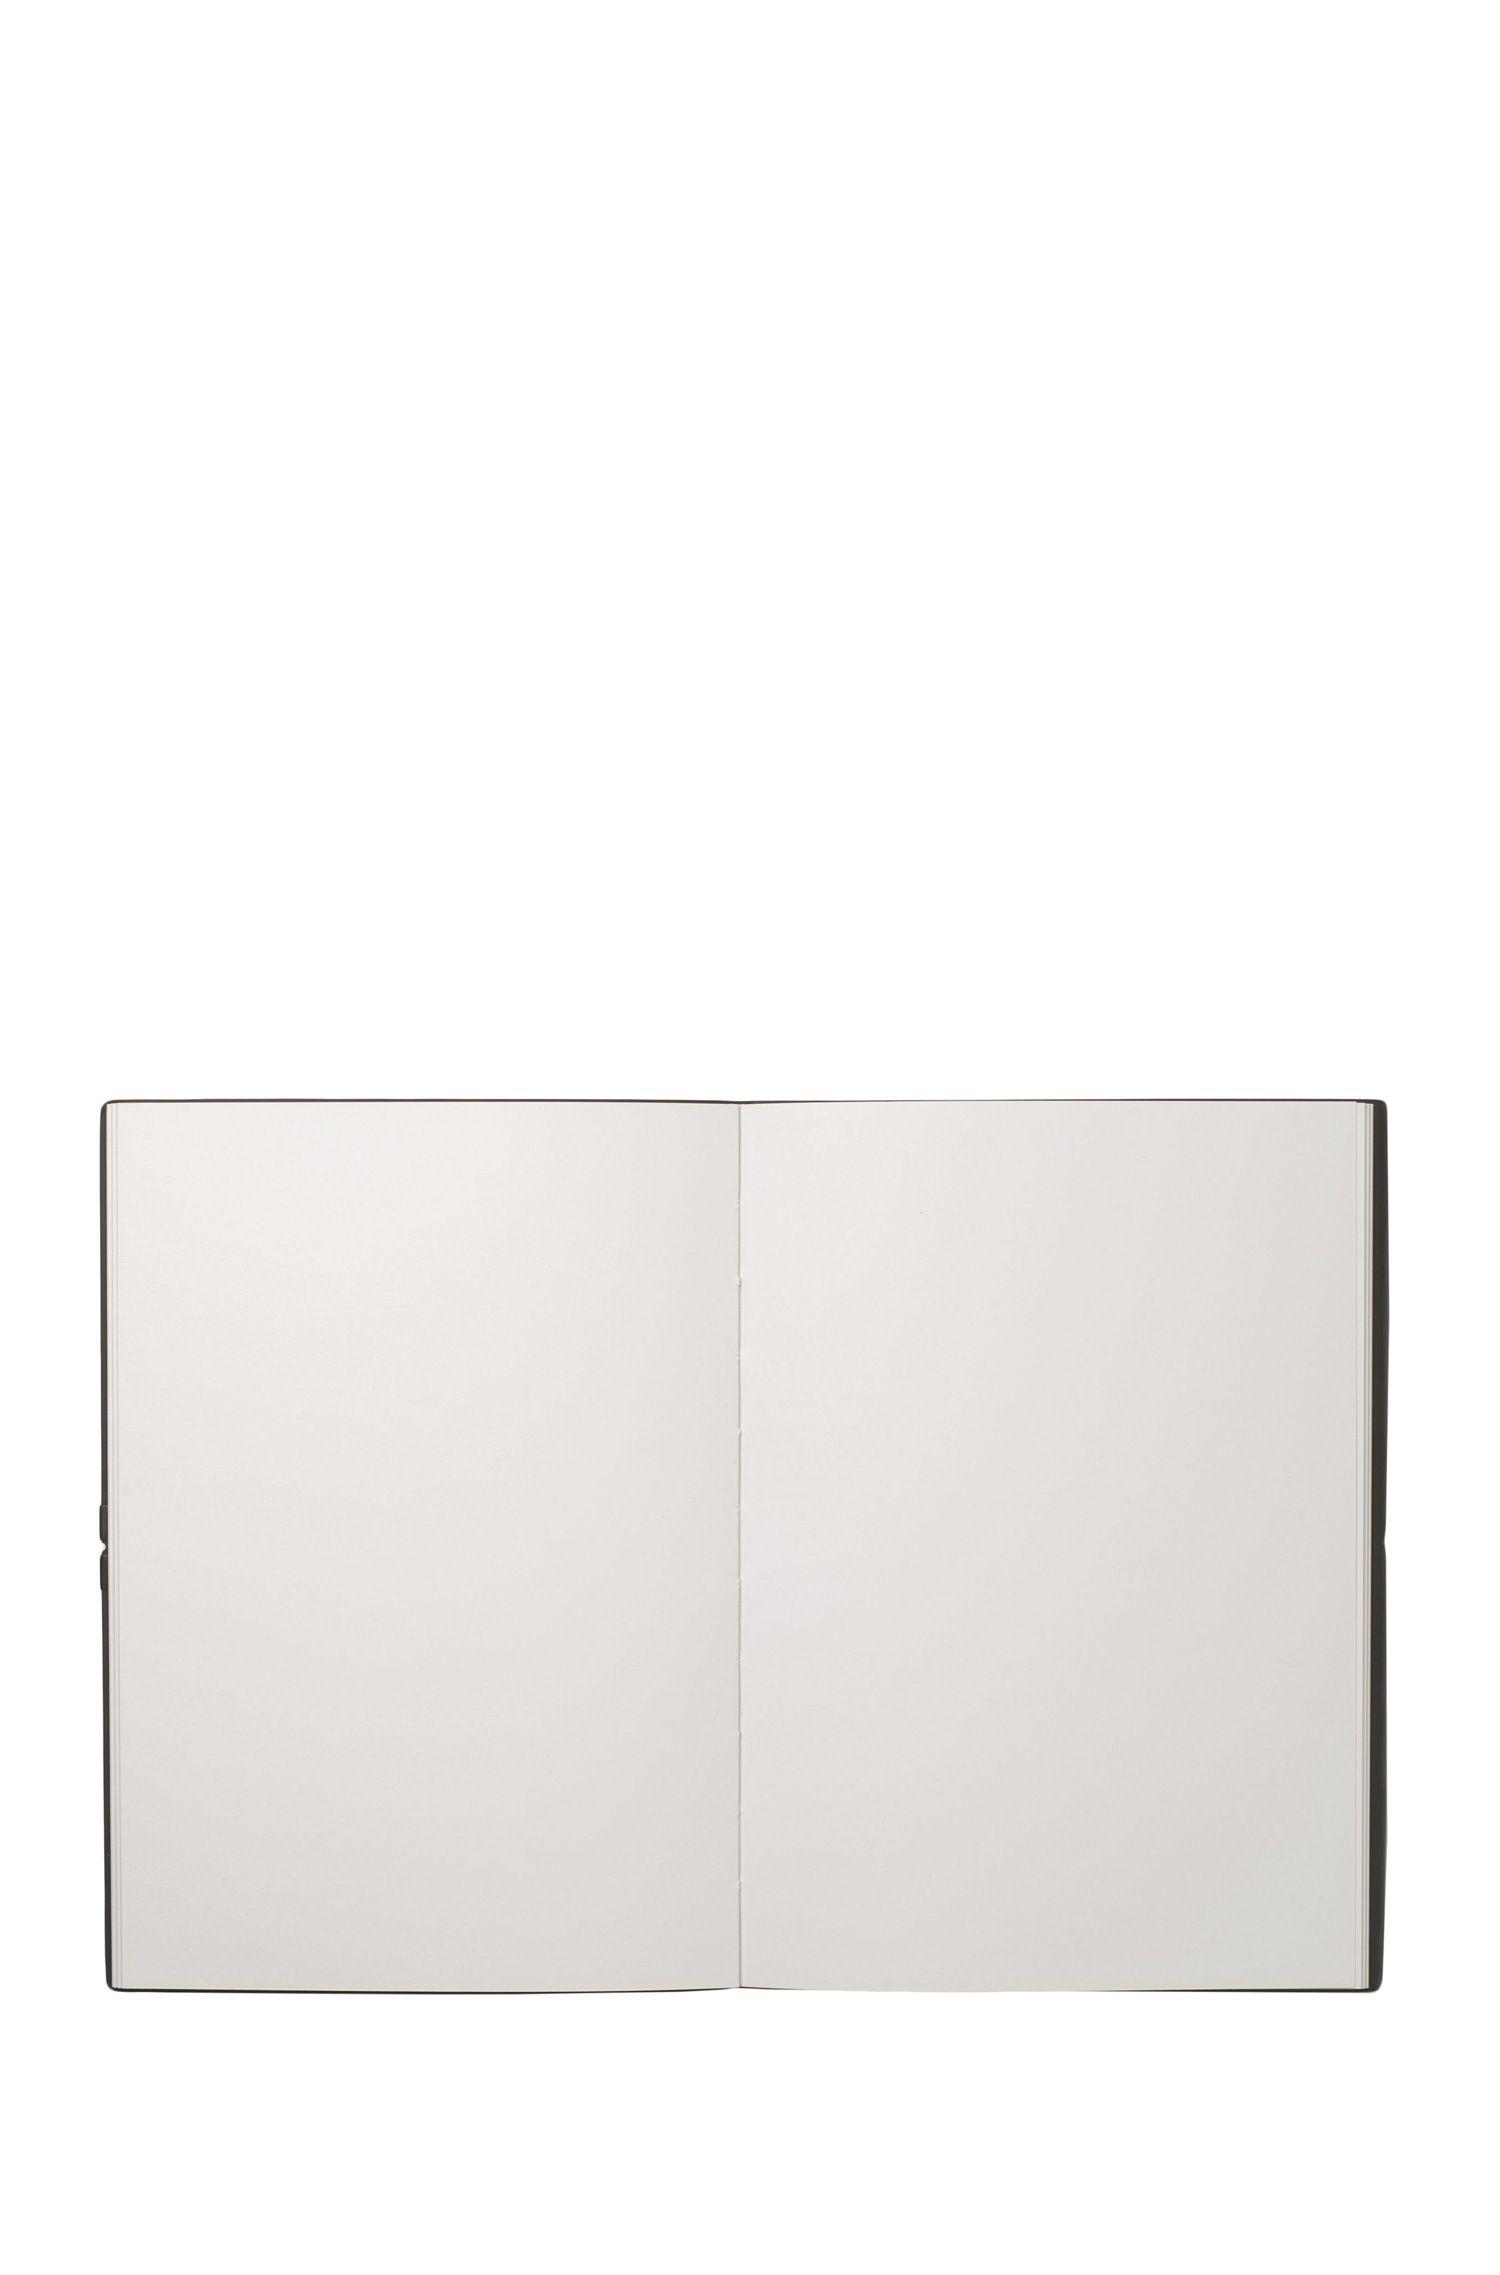 DIN-A5-Notizbuch mit Einband aus Kunstleder